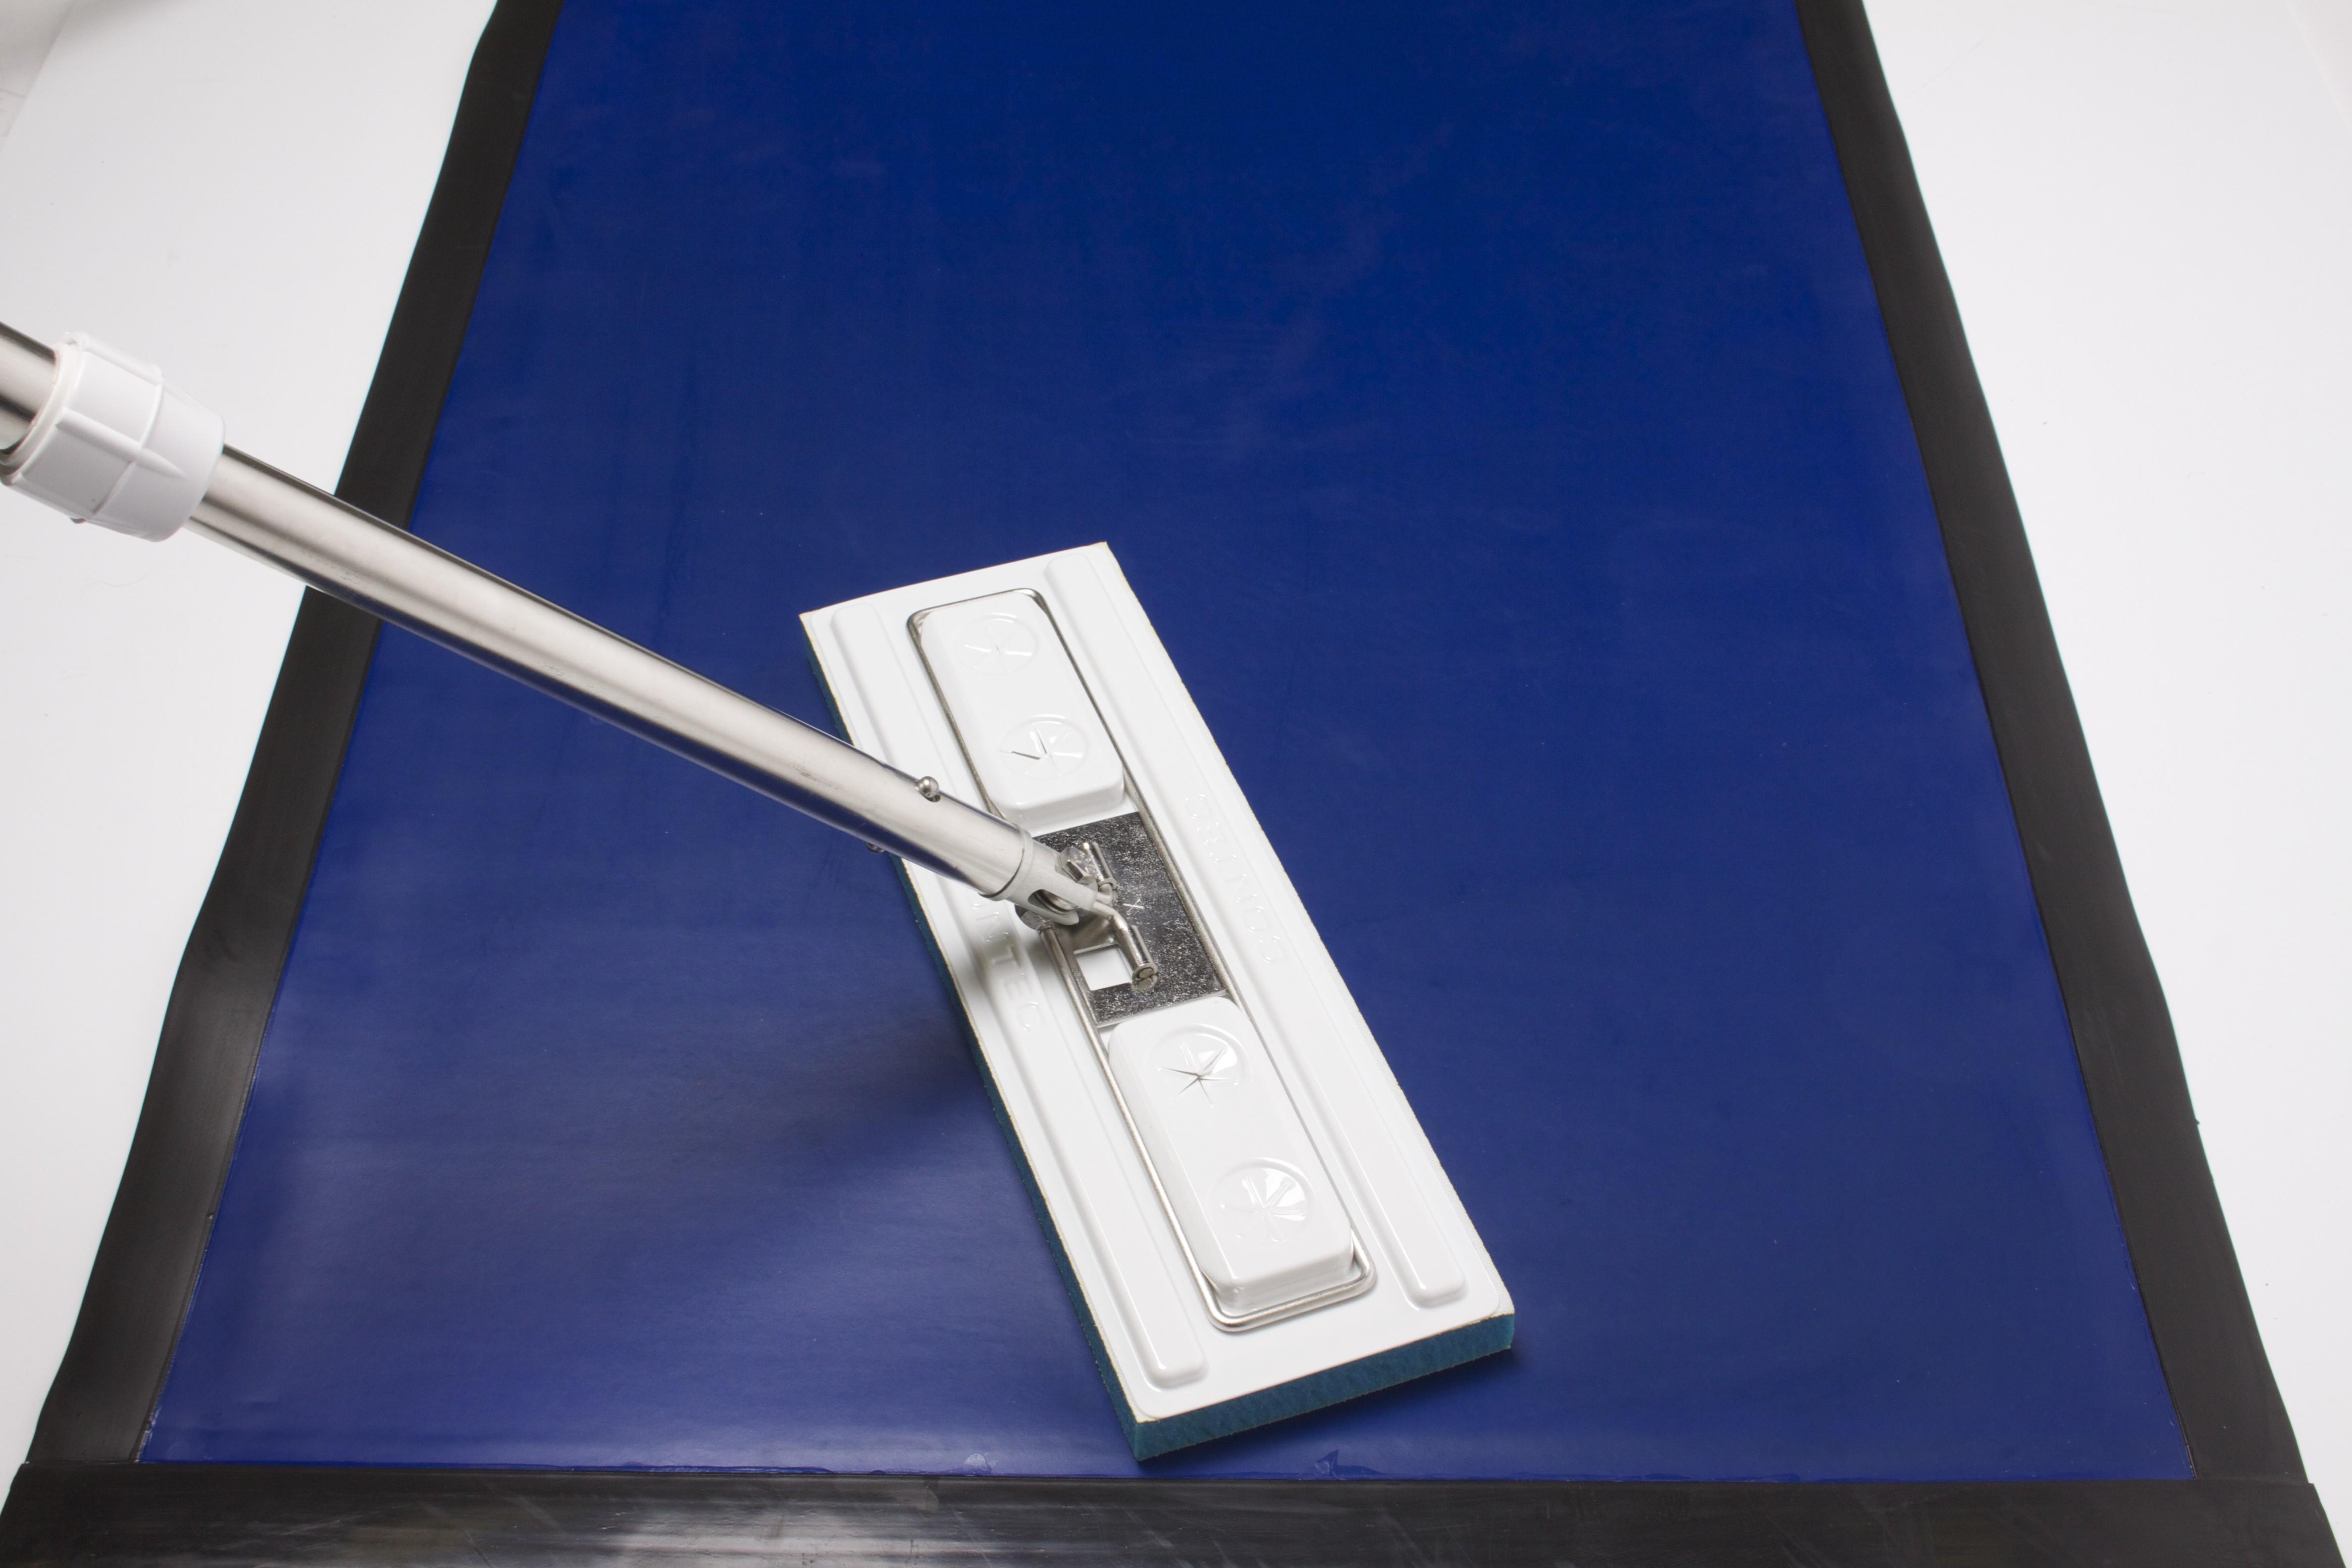 Retack Max Regenerating Mats & Flooring